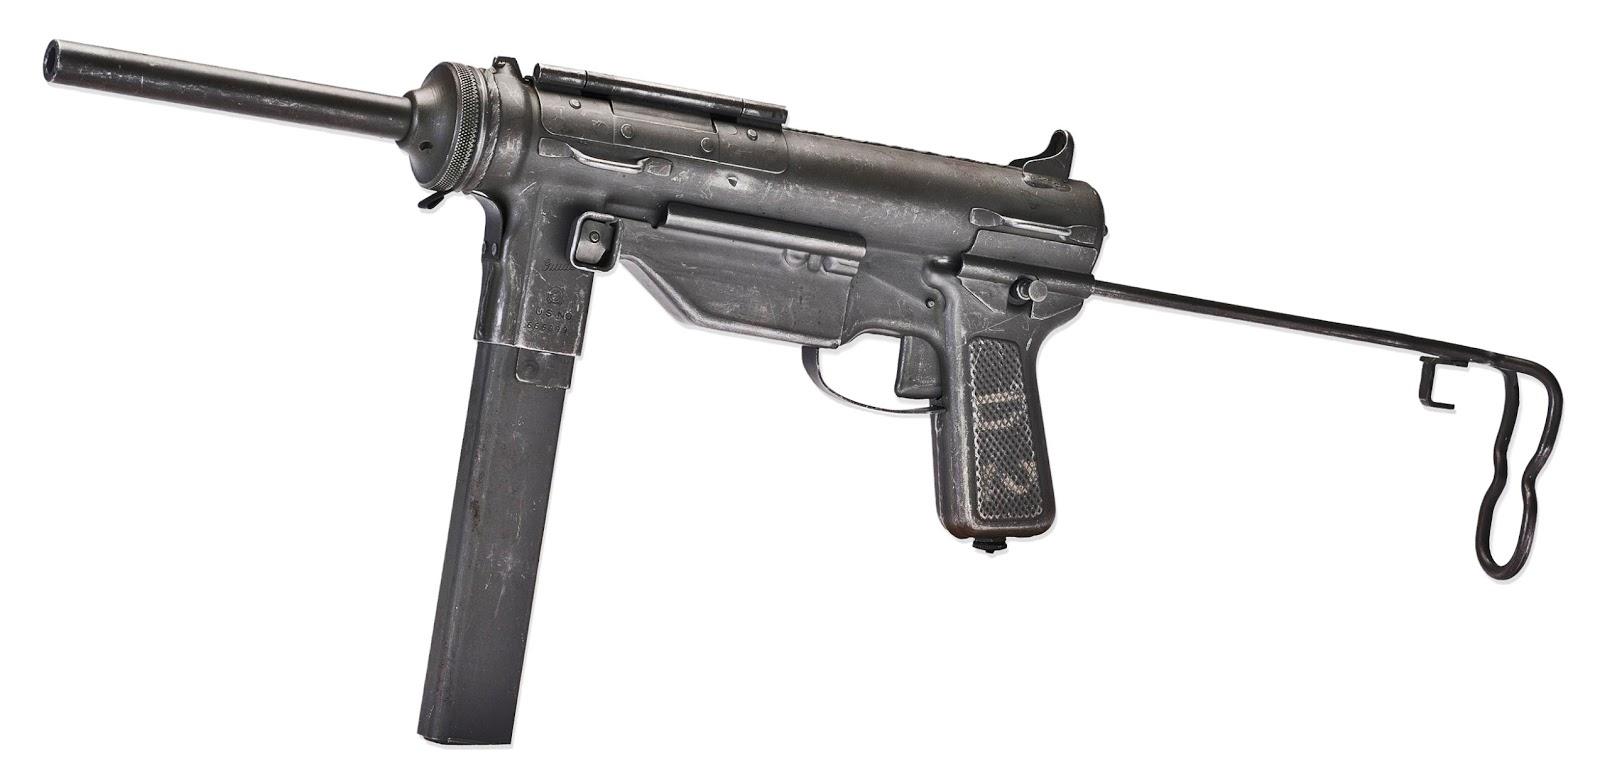 M3a1 Grease Gun